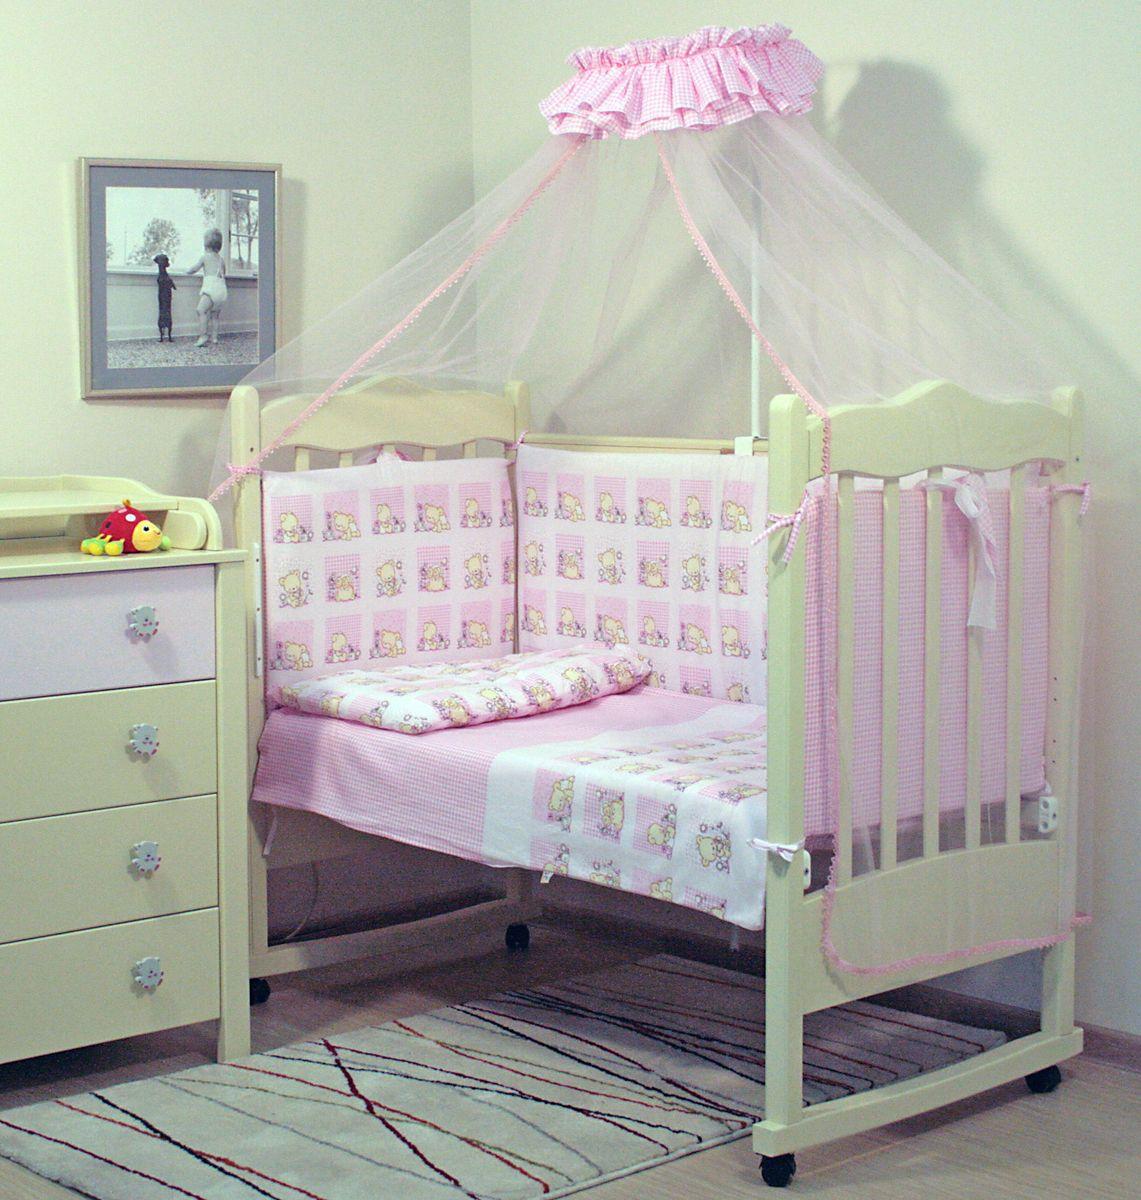 Топотушки Комплект детского постельного белья Мишутка цвет розовый 7 предметов5145Комплект постельного белья из 7 предметов включает все необходимые элементы для детской кроватки. Комплект создает для Вашего ребенка уют, комфорт и безопасную среду с рождения, современный дизайн и цветовые сочетания помогают ребенку адаптироваться в новом для него мире. Комплекты «Топотушки» хорошо вписываются в интерьер как детской комнаты, так и спальни родителей. Как и все изделия «Топотушки» данный комплект отражает самые последние технологии, является безопасным для малыша и экологичным. Российское происхождение комплекта гарантирует стабильно высокое качество, соответствие актуальным пожеланиям потребителей, конкурентоспособную цену.Комплектация: Балдахин 3м (сетка); охранный бампер 360х50см. (из 4-х частей, наполнитель – холлофайбер); подушка 40х60см. (наполнитель – холлофайбер); одеяло 140х110см. (наполнитель – холлофайбер); наволочка 40х60см; пододеяльник 147х112см; простынь на резинке 120х60см